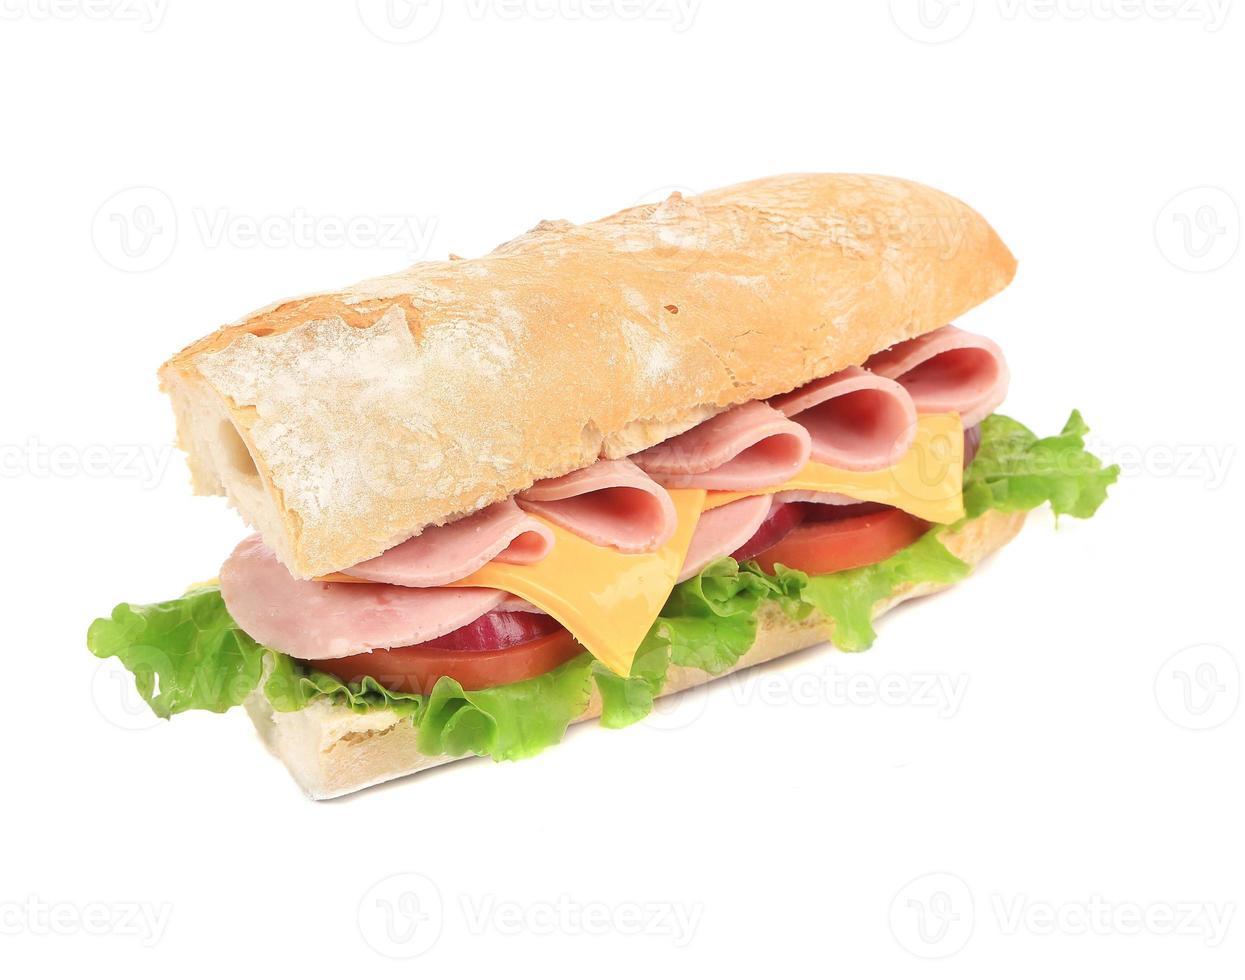 Sandwich aus frisch geschnittenem Baguette. foto